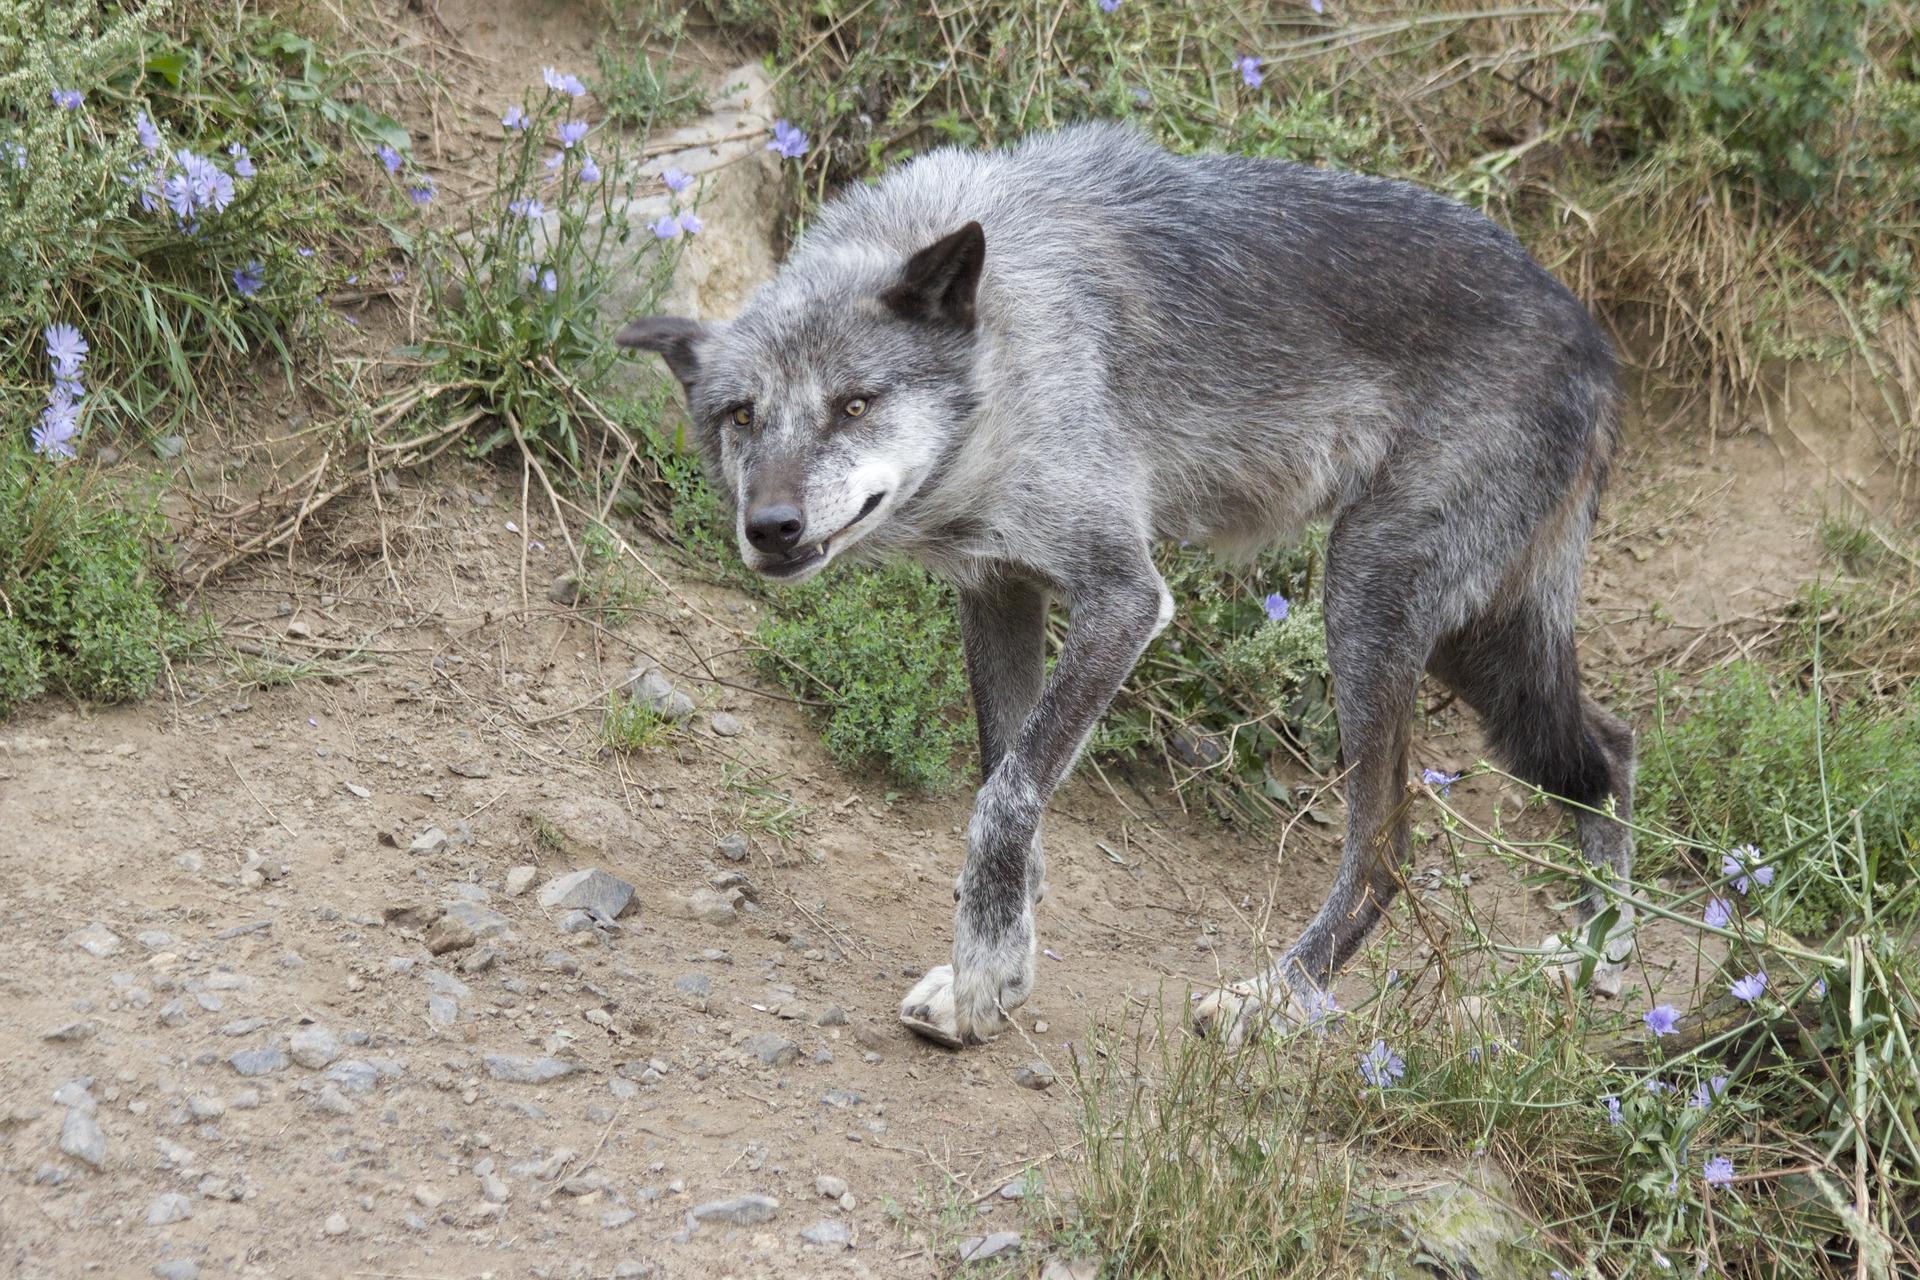 Es wurde vermutet, nun ist es bestätigt: Deutschlands teuerste Wölfin hat Nachwuchs. Die Ohrdrufer Wölfin hatte zuletzt sechs Hybriden gewölft.